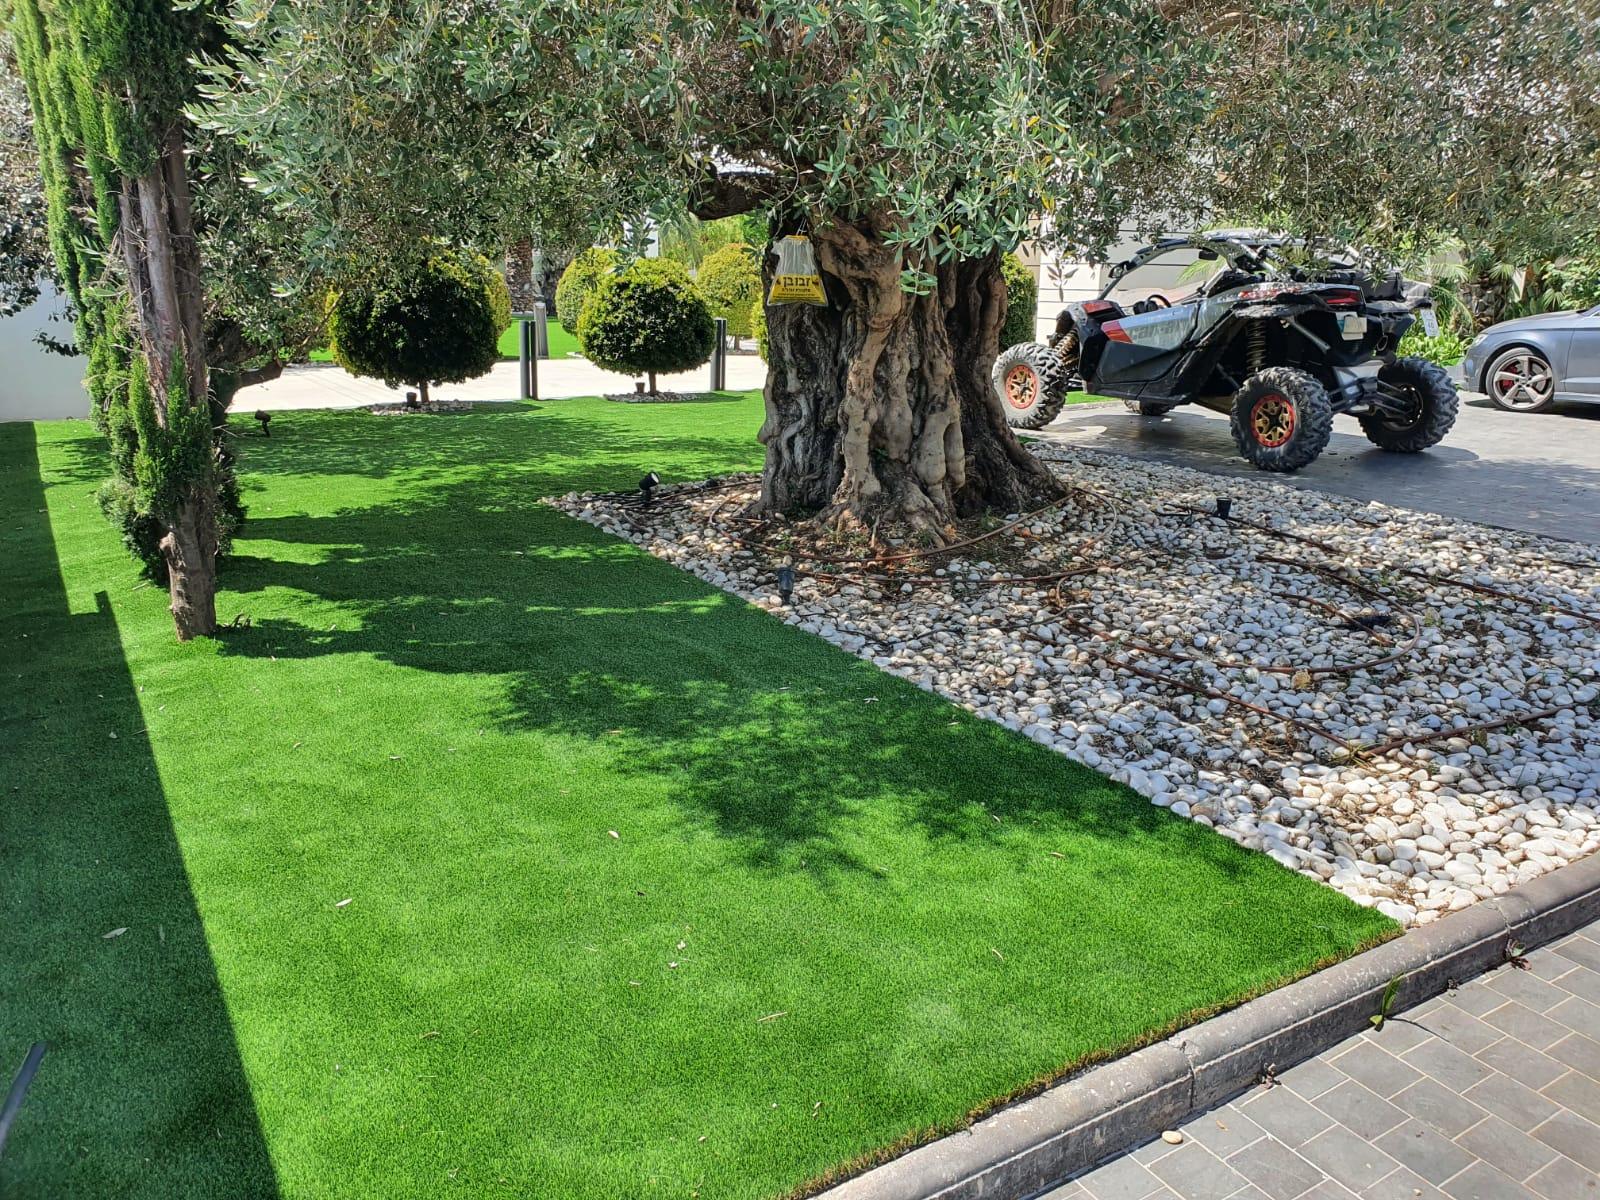 עיצוב גינה ודשא בבית האח הגדול 2020 1